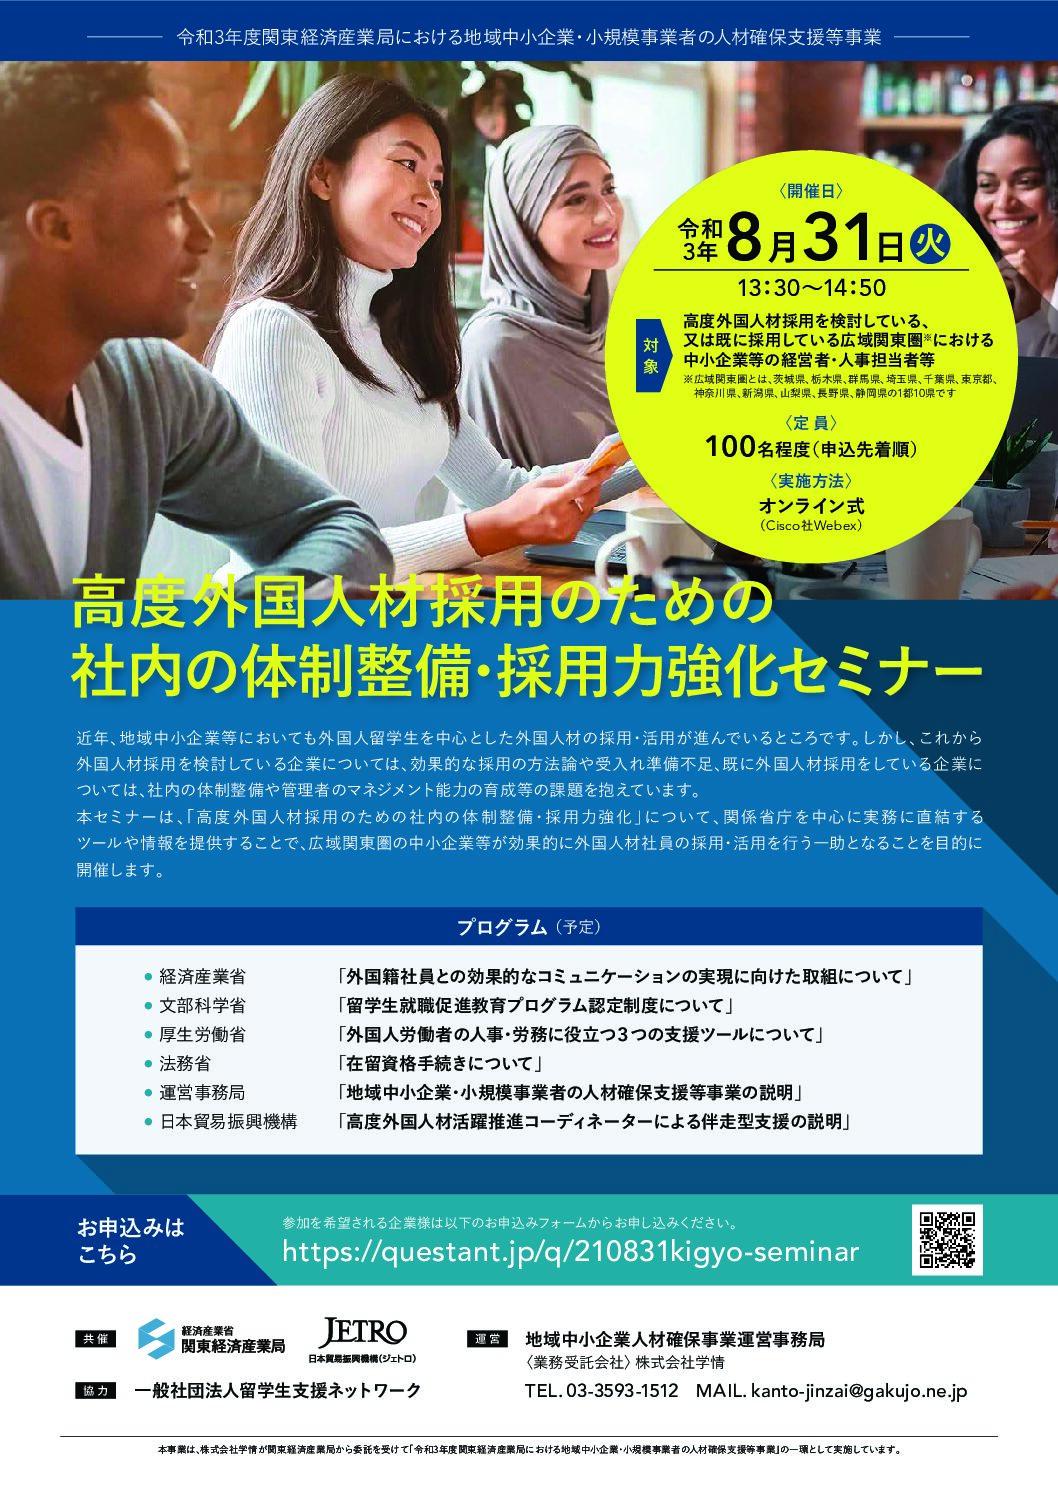 <参加者募集>高度外国人材採用のための社内の体制整備 ・採用力強化セミナー